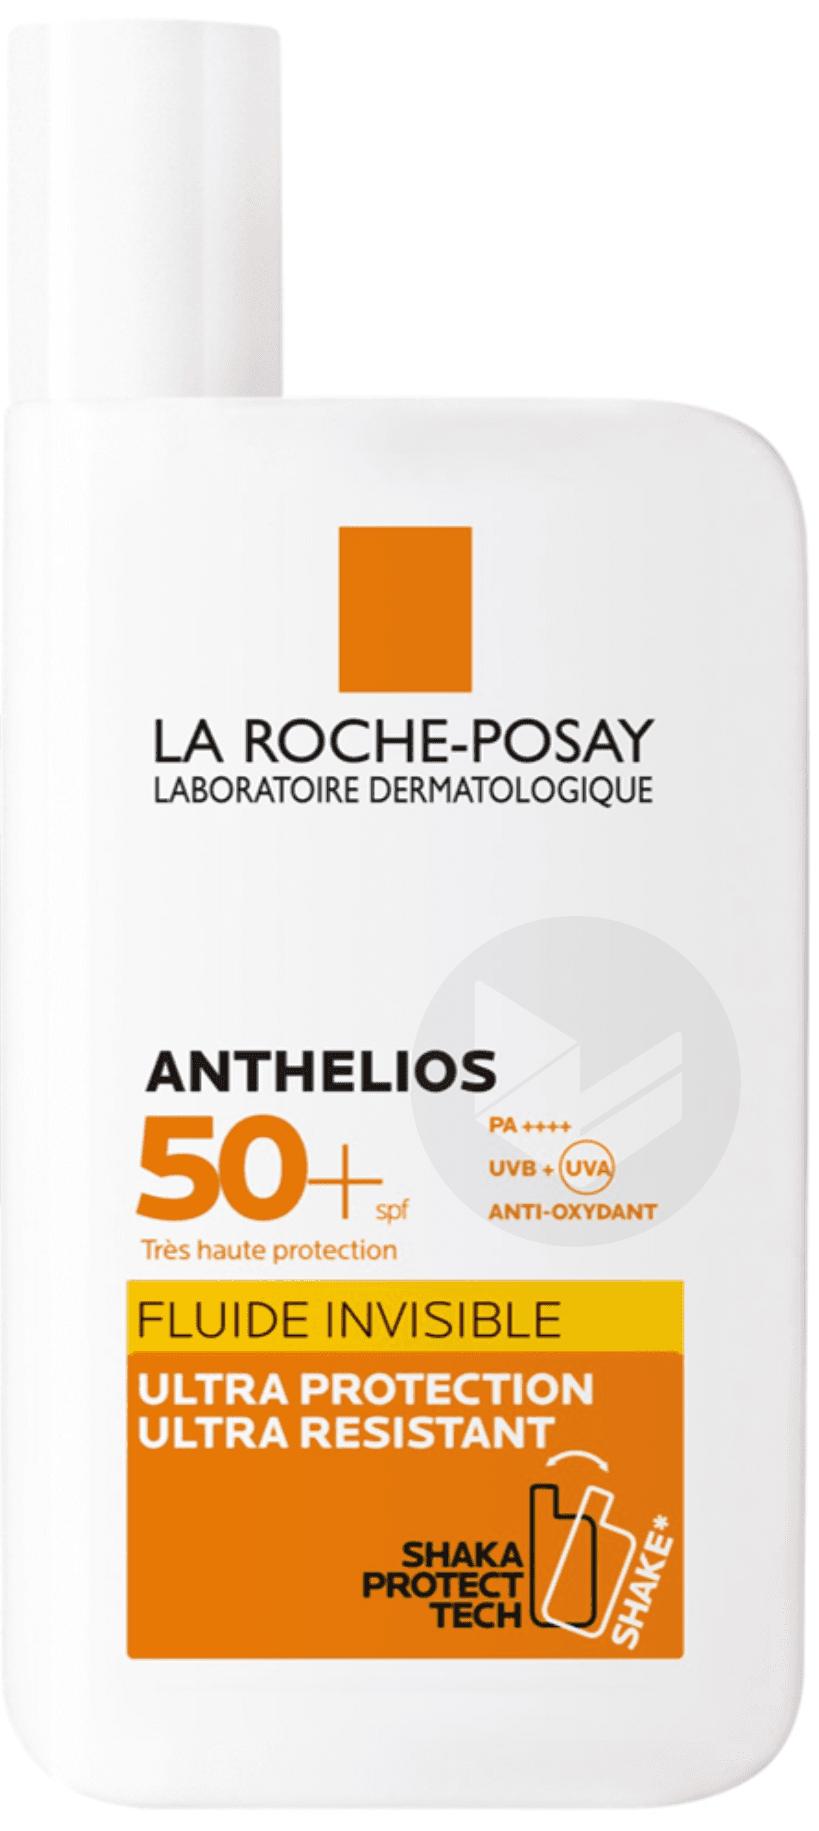 Anthelios Crème Solaire en Fluide Invisible Visage SPF50+ Avec Parfum 50ml